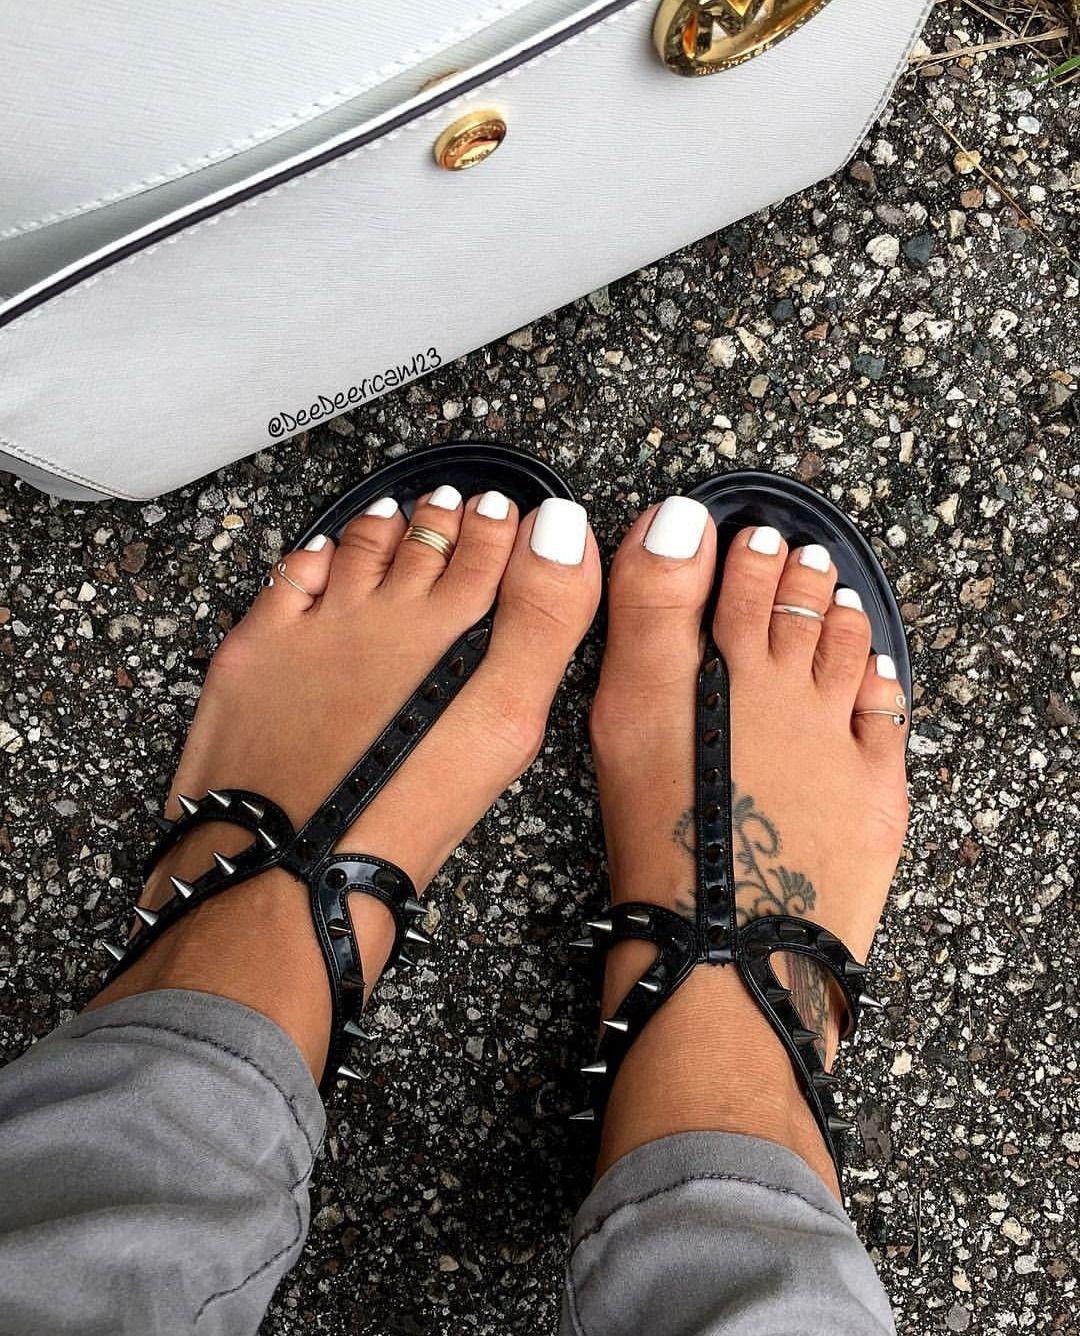 Feet Alix Brown nude photos 2019